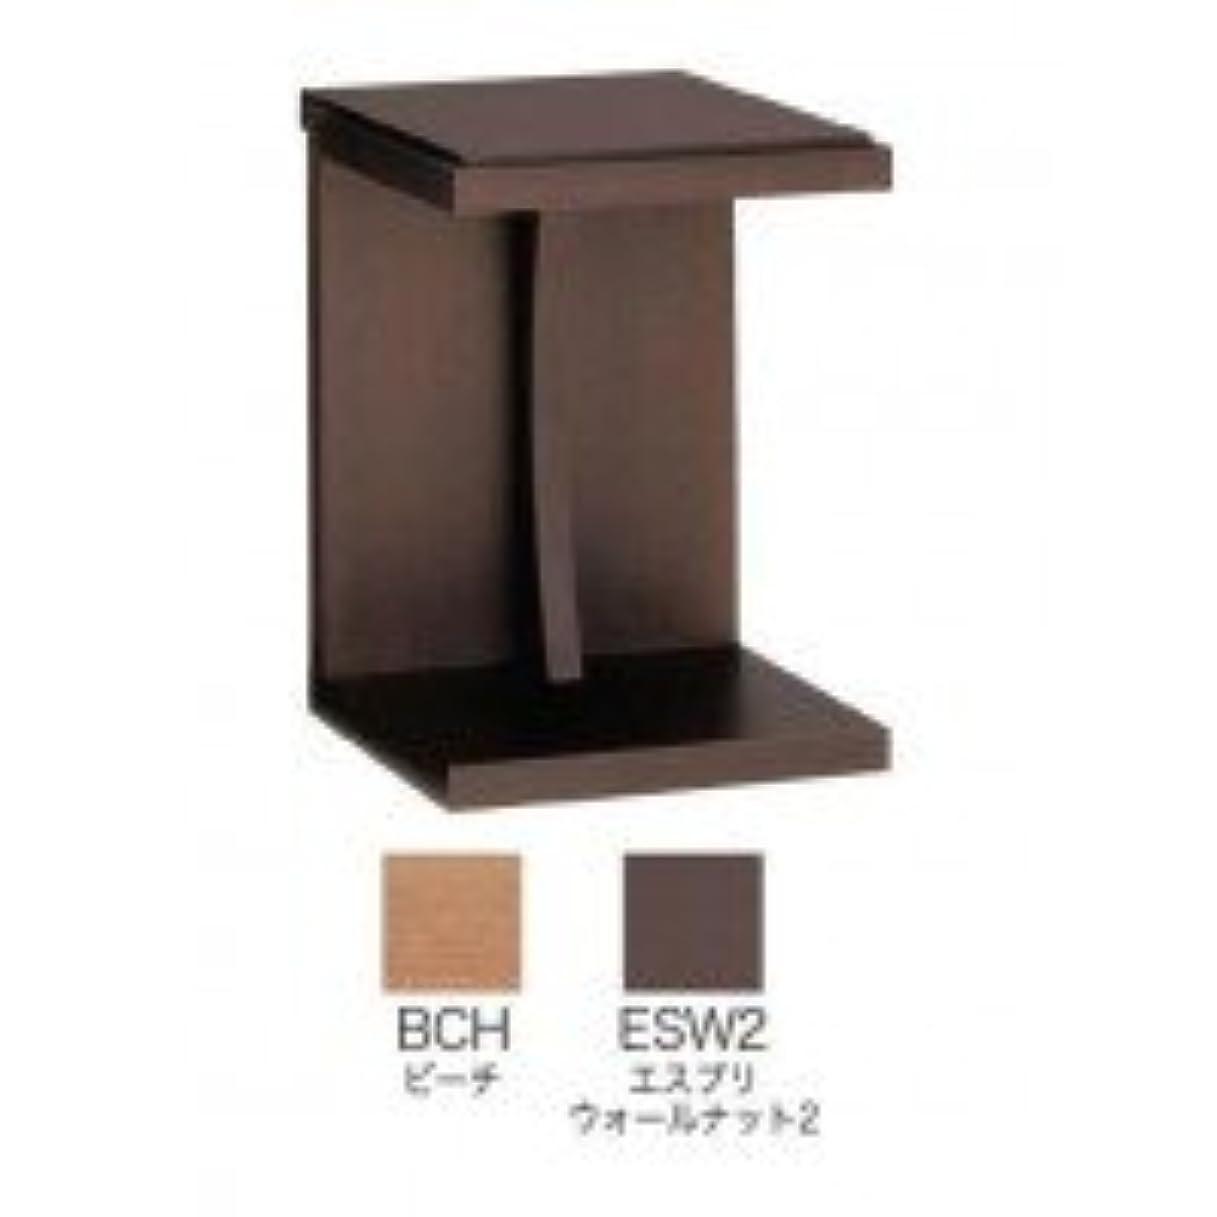 メニュー送った控えめなフランスベッド 専用ナイトテーブル IL-NT02 ESW2?35025110 0297762